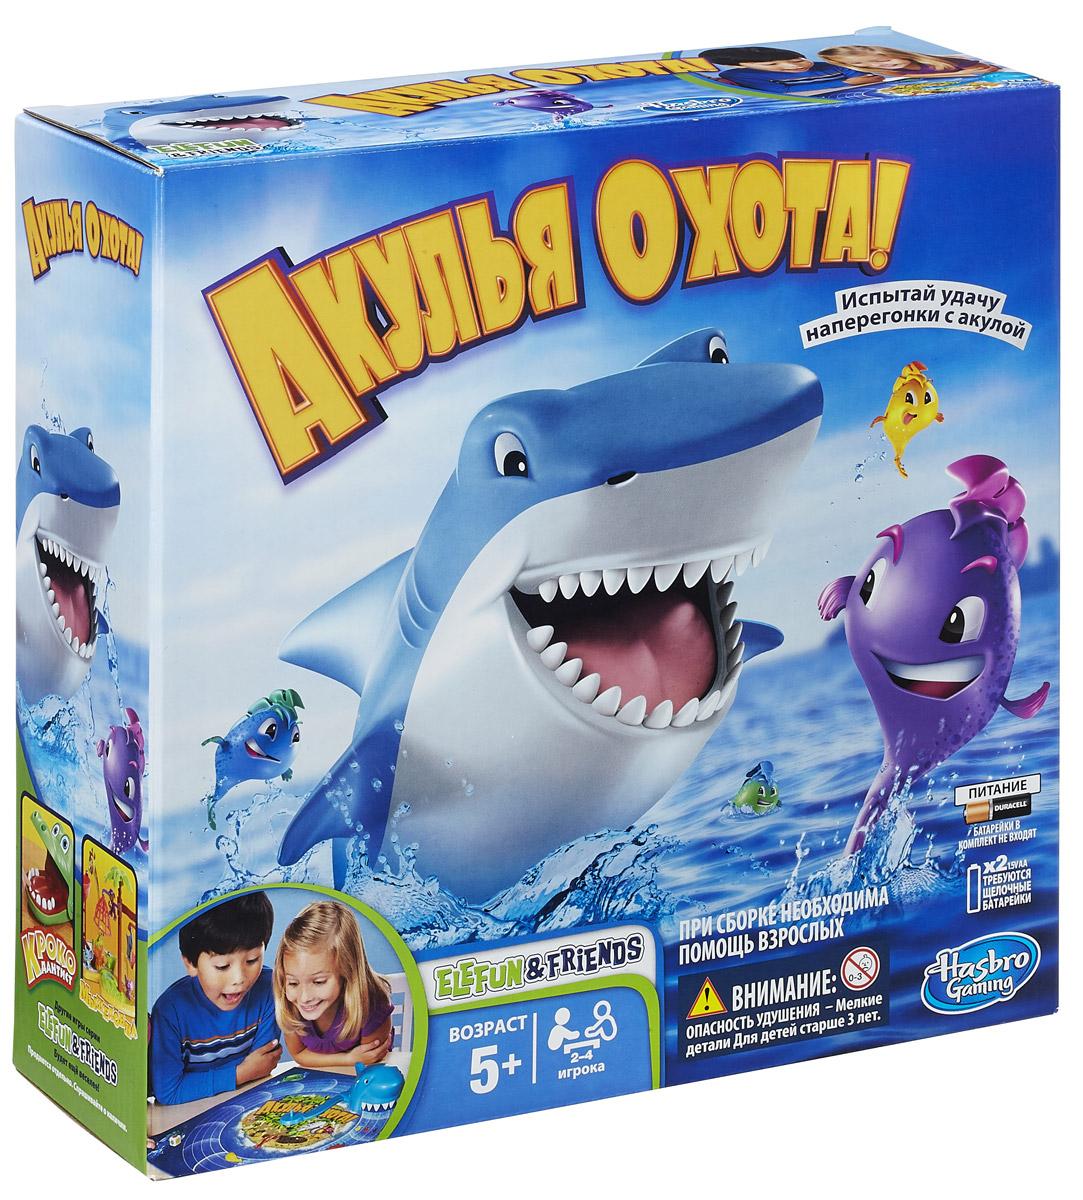 Настольная игра Hasbro Games Акулья охота33893396Настольная игра Hasbro Games Акулья охота позволит вашему ребенку весело провести время в кругу друзей или семьи. Игровое поле представляет собой круг, по которому движутся четыре фишки игроков, выполненные в виде рыбок, и акула, которая пытается их догнать. Попробуйте уплыть от ненасытной акулы, иначе она вас съест! В ходе игры один из участников бросает кубики и называет выпавшие на них цвета. Игроки, чьи цвета рыбок выпали на кубиках, быстро передвигают свои фишки на одно деление вперед. Кидайте кубик и делайте ходы быстро, помните, что акула у вас на хвосте. Во время игры акула медленно приближается к рыбкам. Если рыбка полностью скроется во рту акулы, ее съели, и участник выбывает из игры. Игра продолжается до тех пор, пока не останется только одна рыбка. Этот игрок становится победителем! В комплект игры входят: игровое поле, механизированная акула, 4 рыбки, 2 кубика и правила игры на русском языке. Рекомендуется докупить 2 батареи...